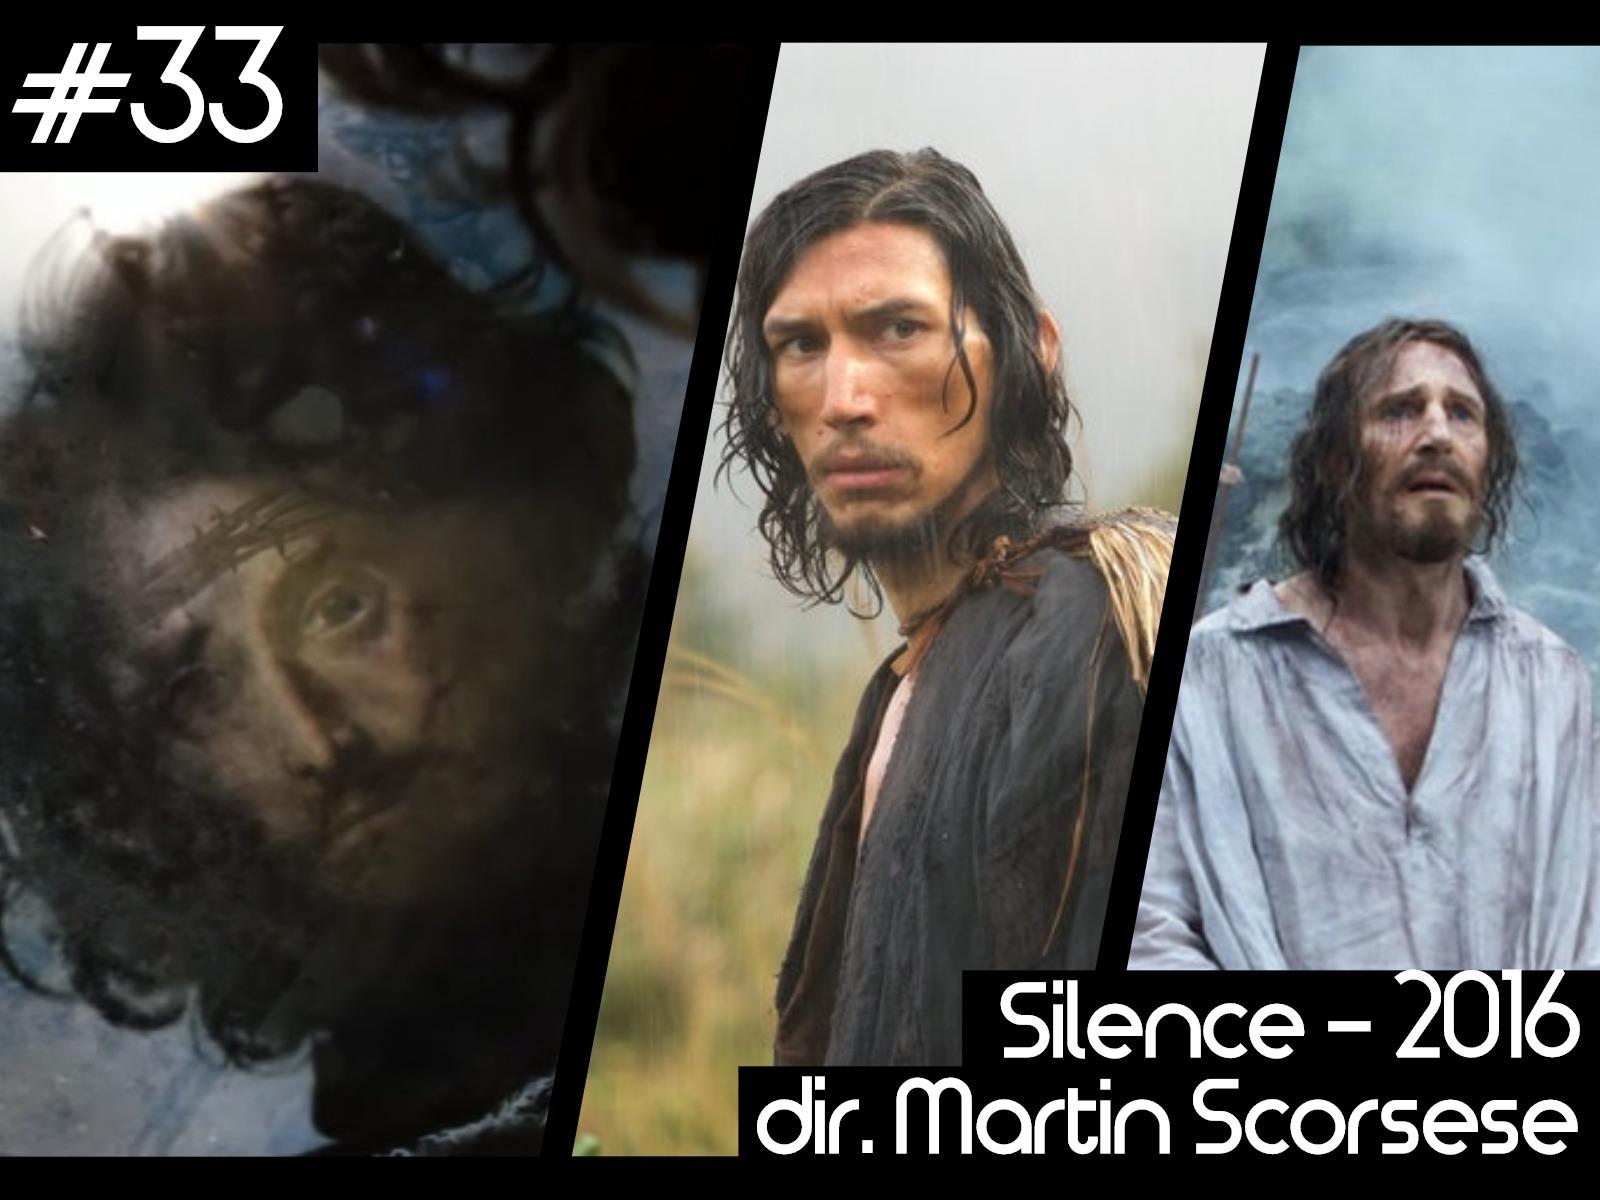 33 - silence.jpg